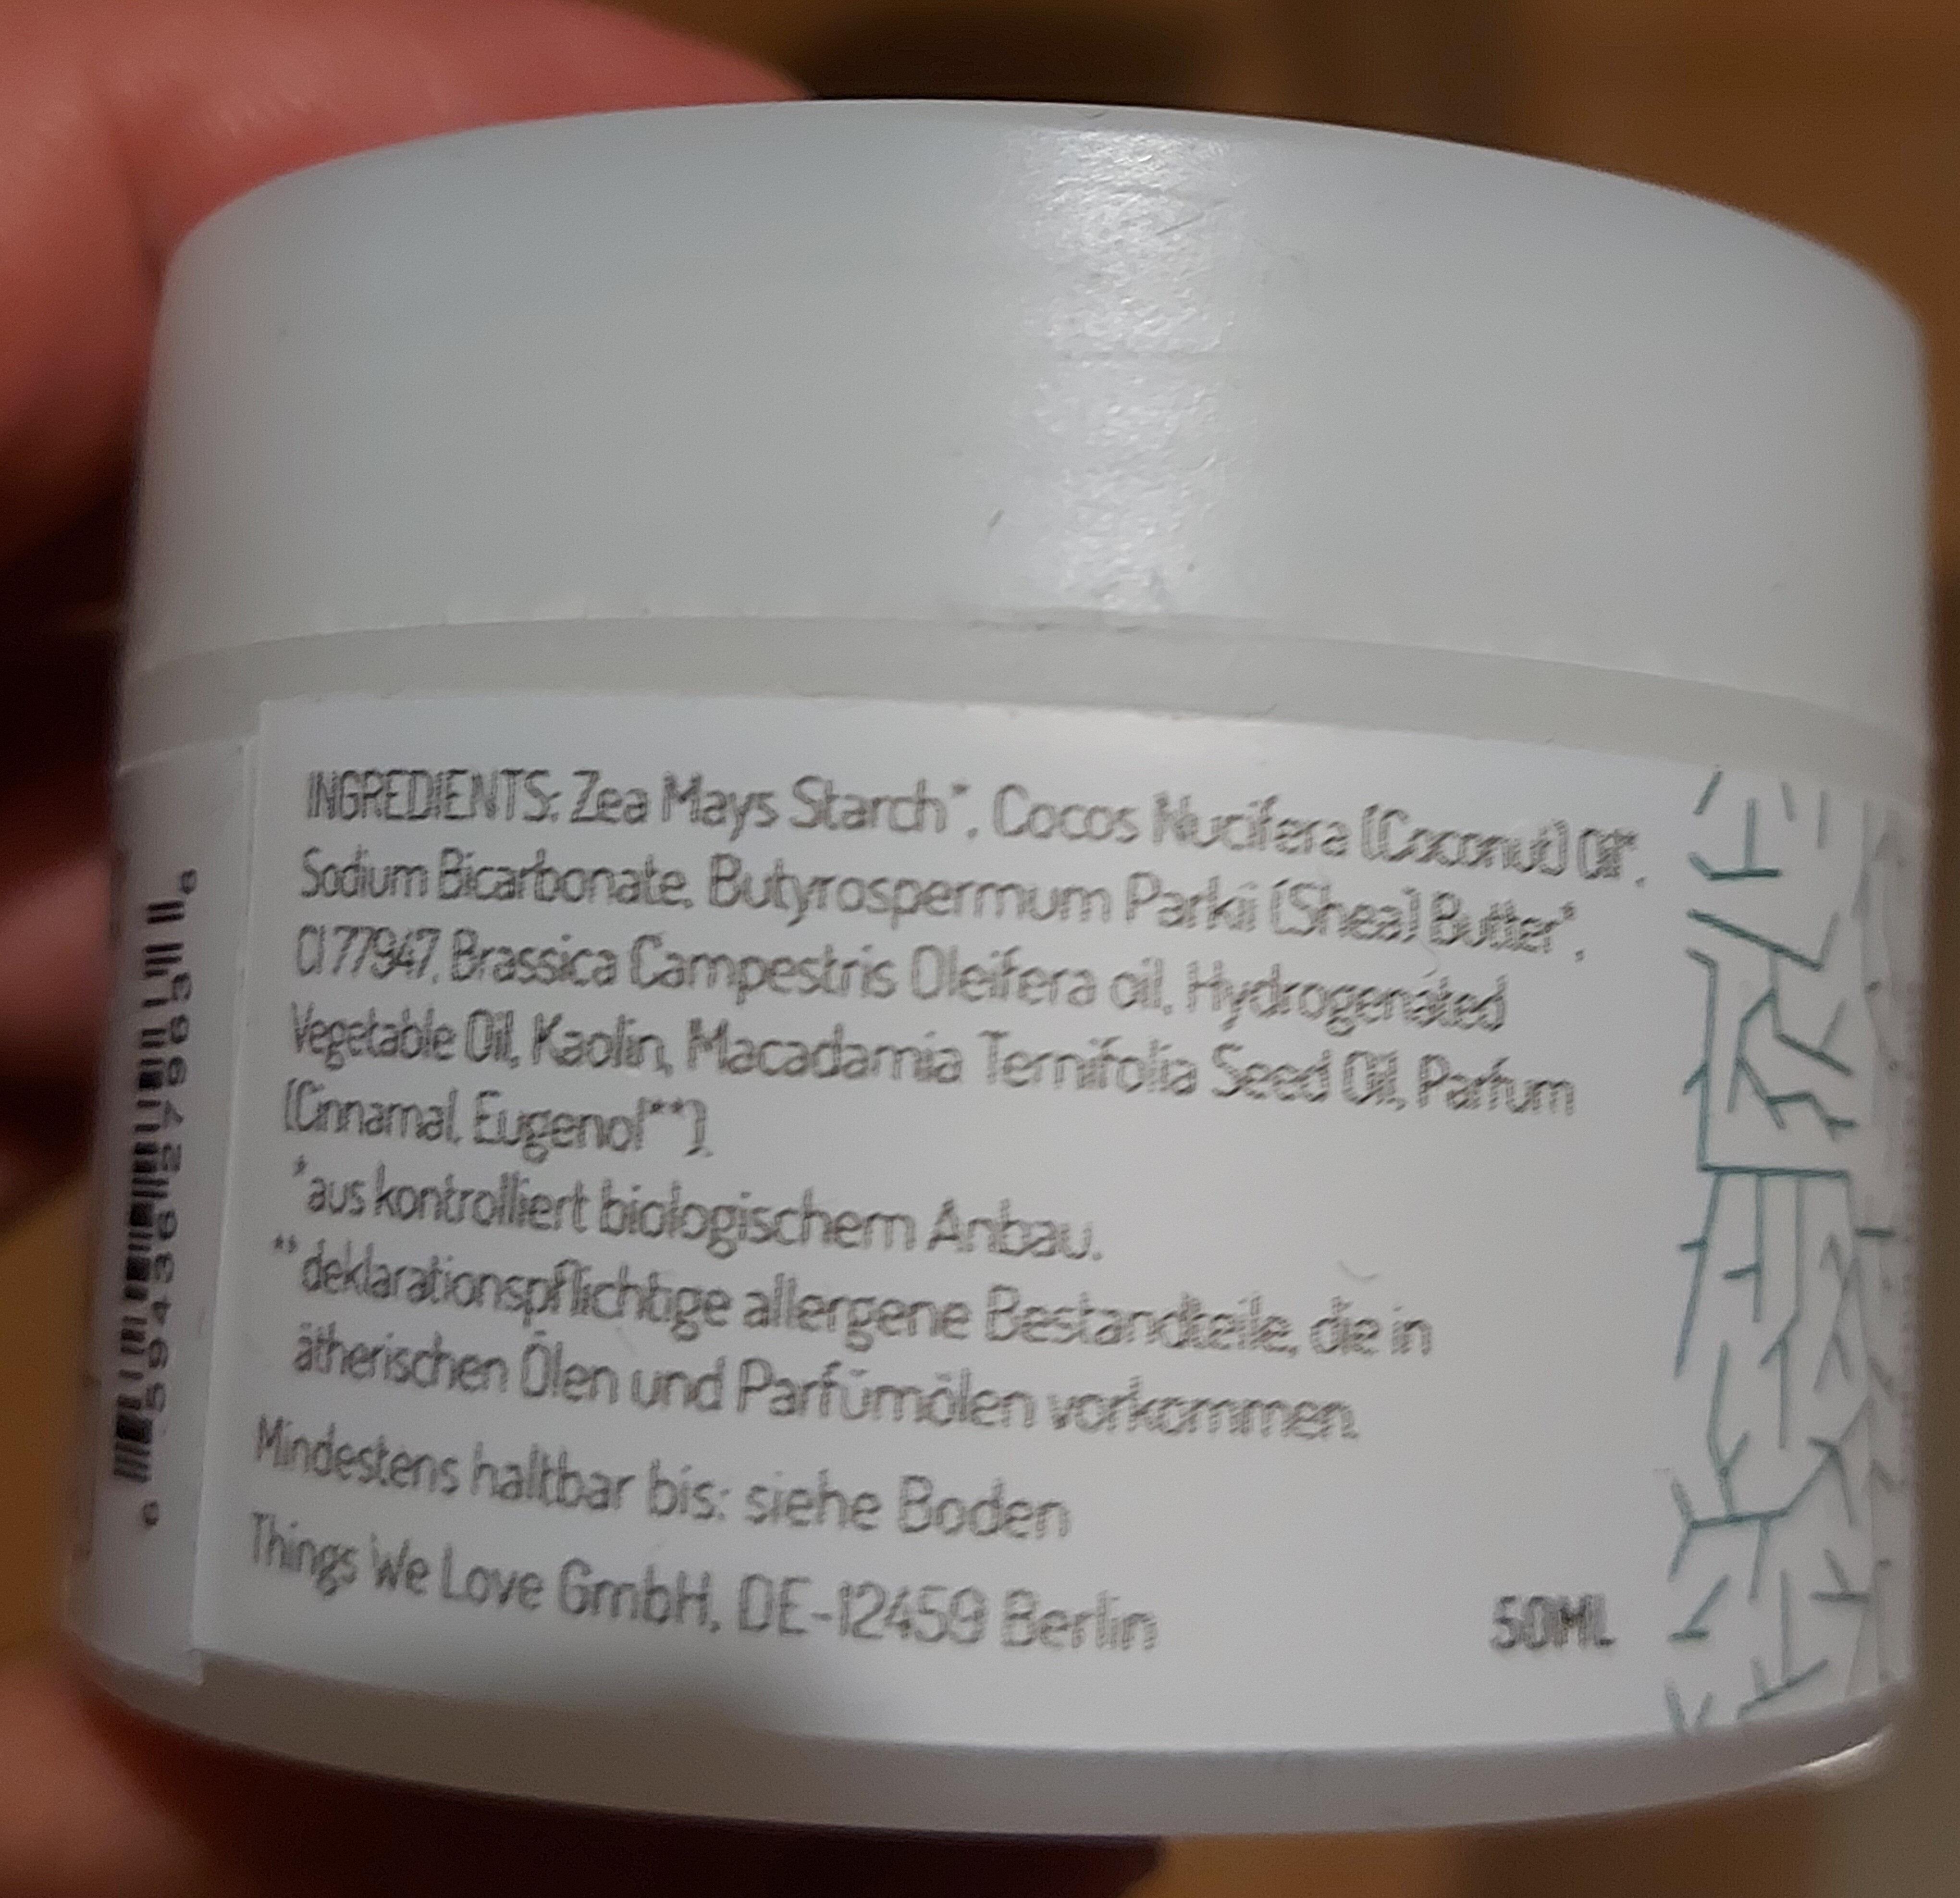 Deocreme - Waldnebel - Ingredients - de